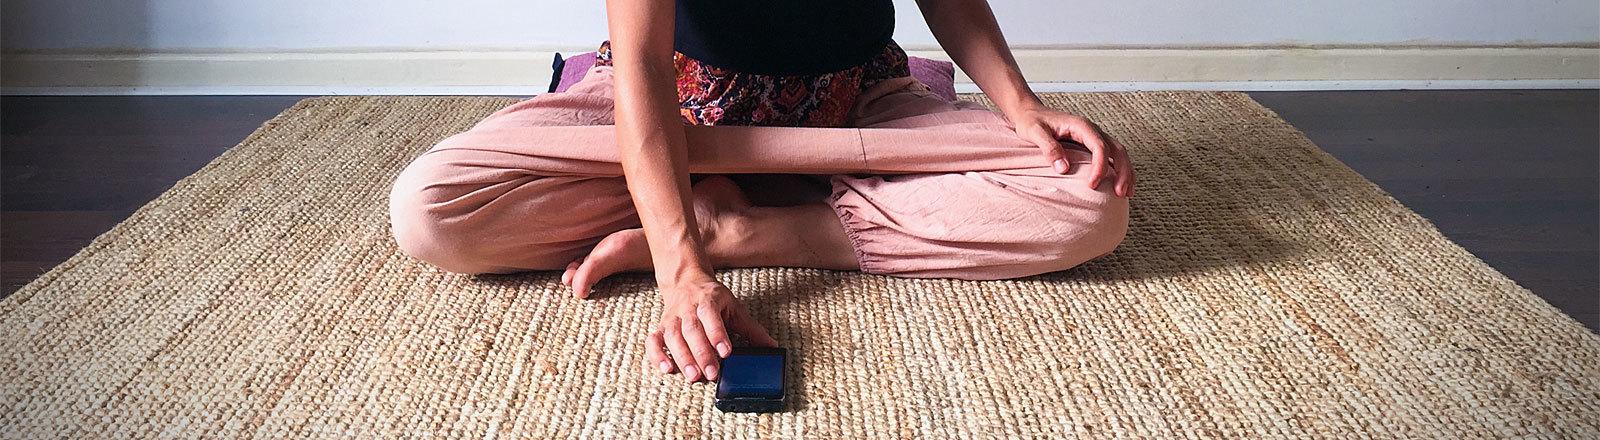 Frau tippt auf Smartphone im Schneidersitz